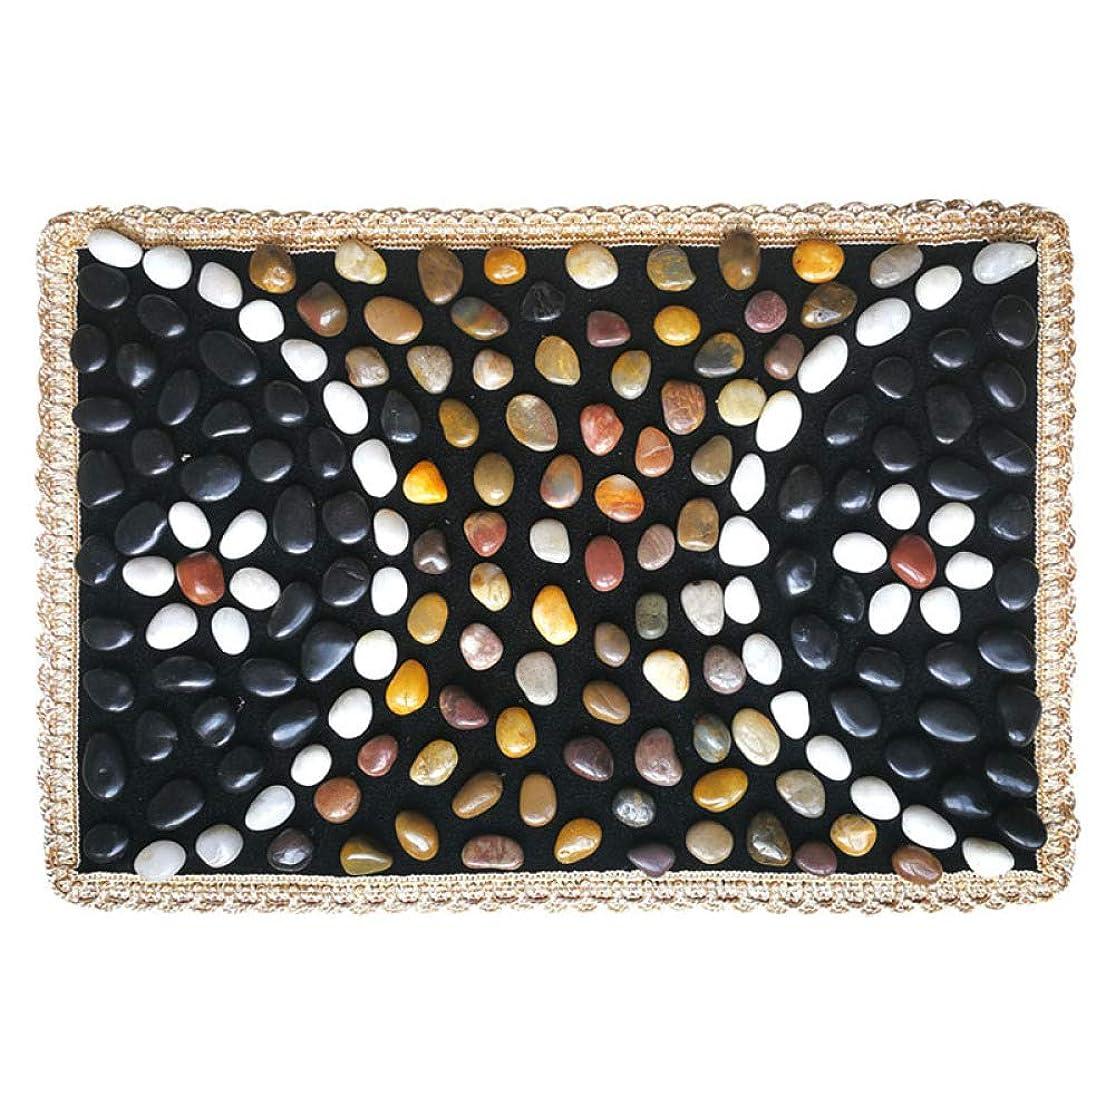 フォージアルプス疑わしいフットマッサージとマッサージマットを備えた家庭用ペディキュア用の石畳リフレクソロジーパッド,D